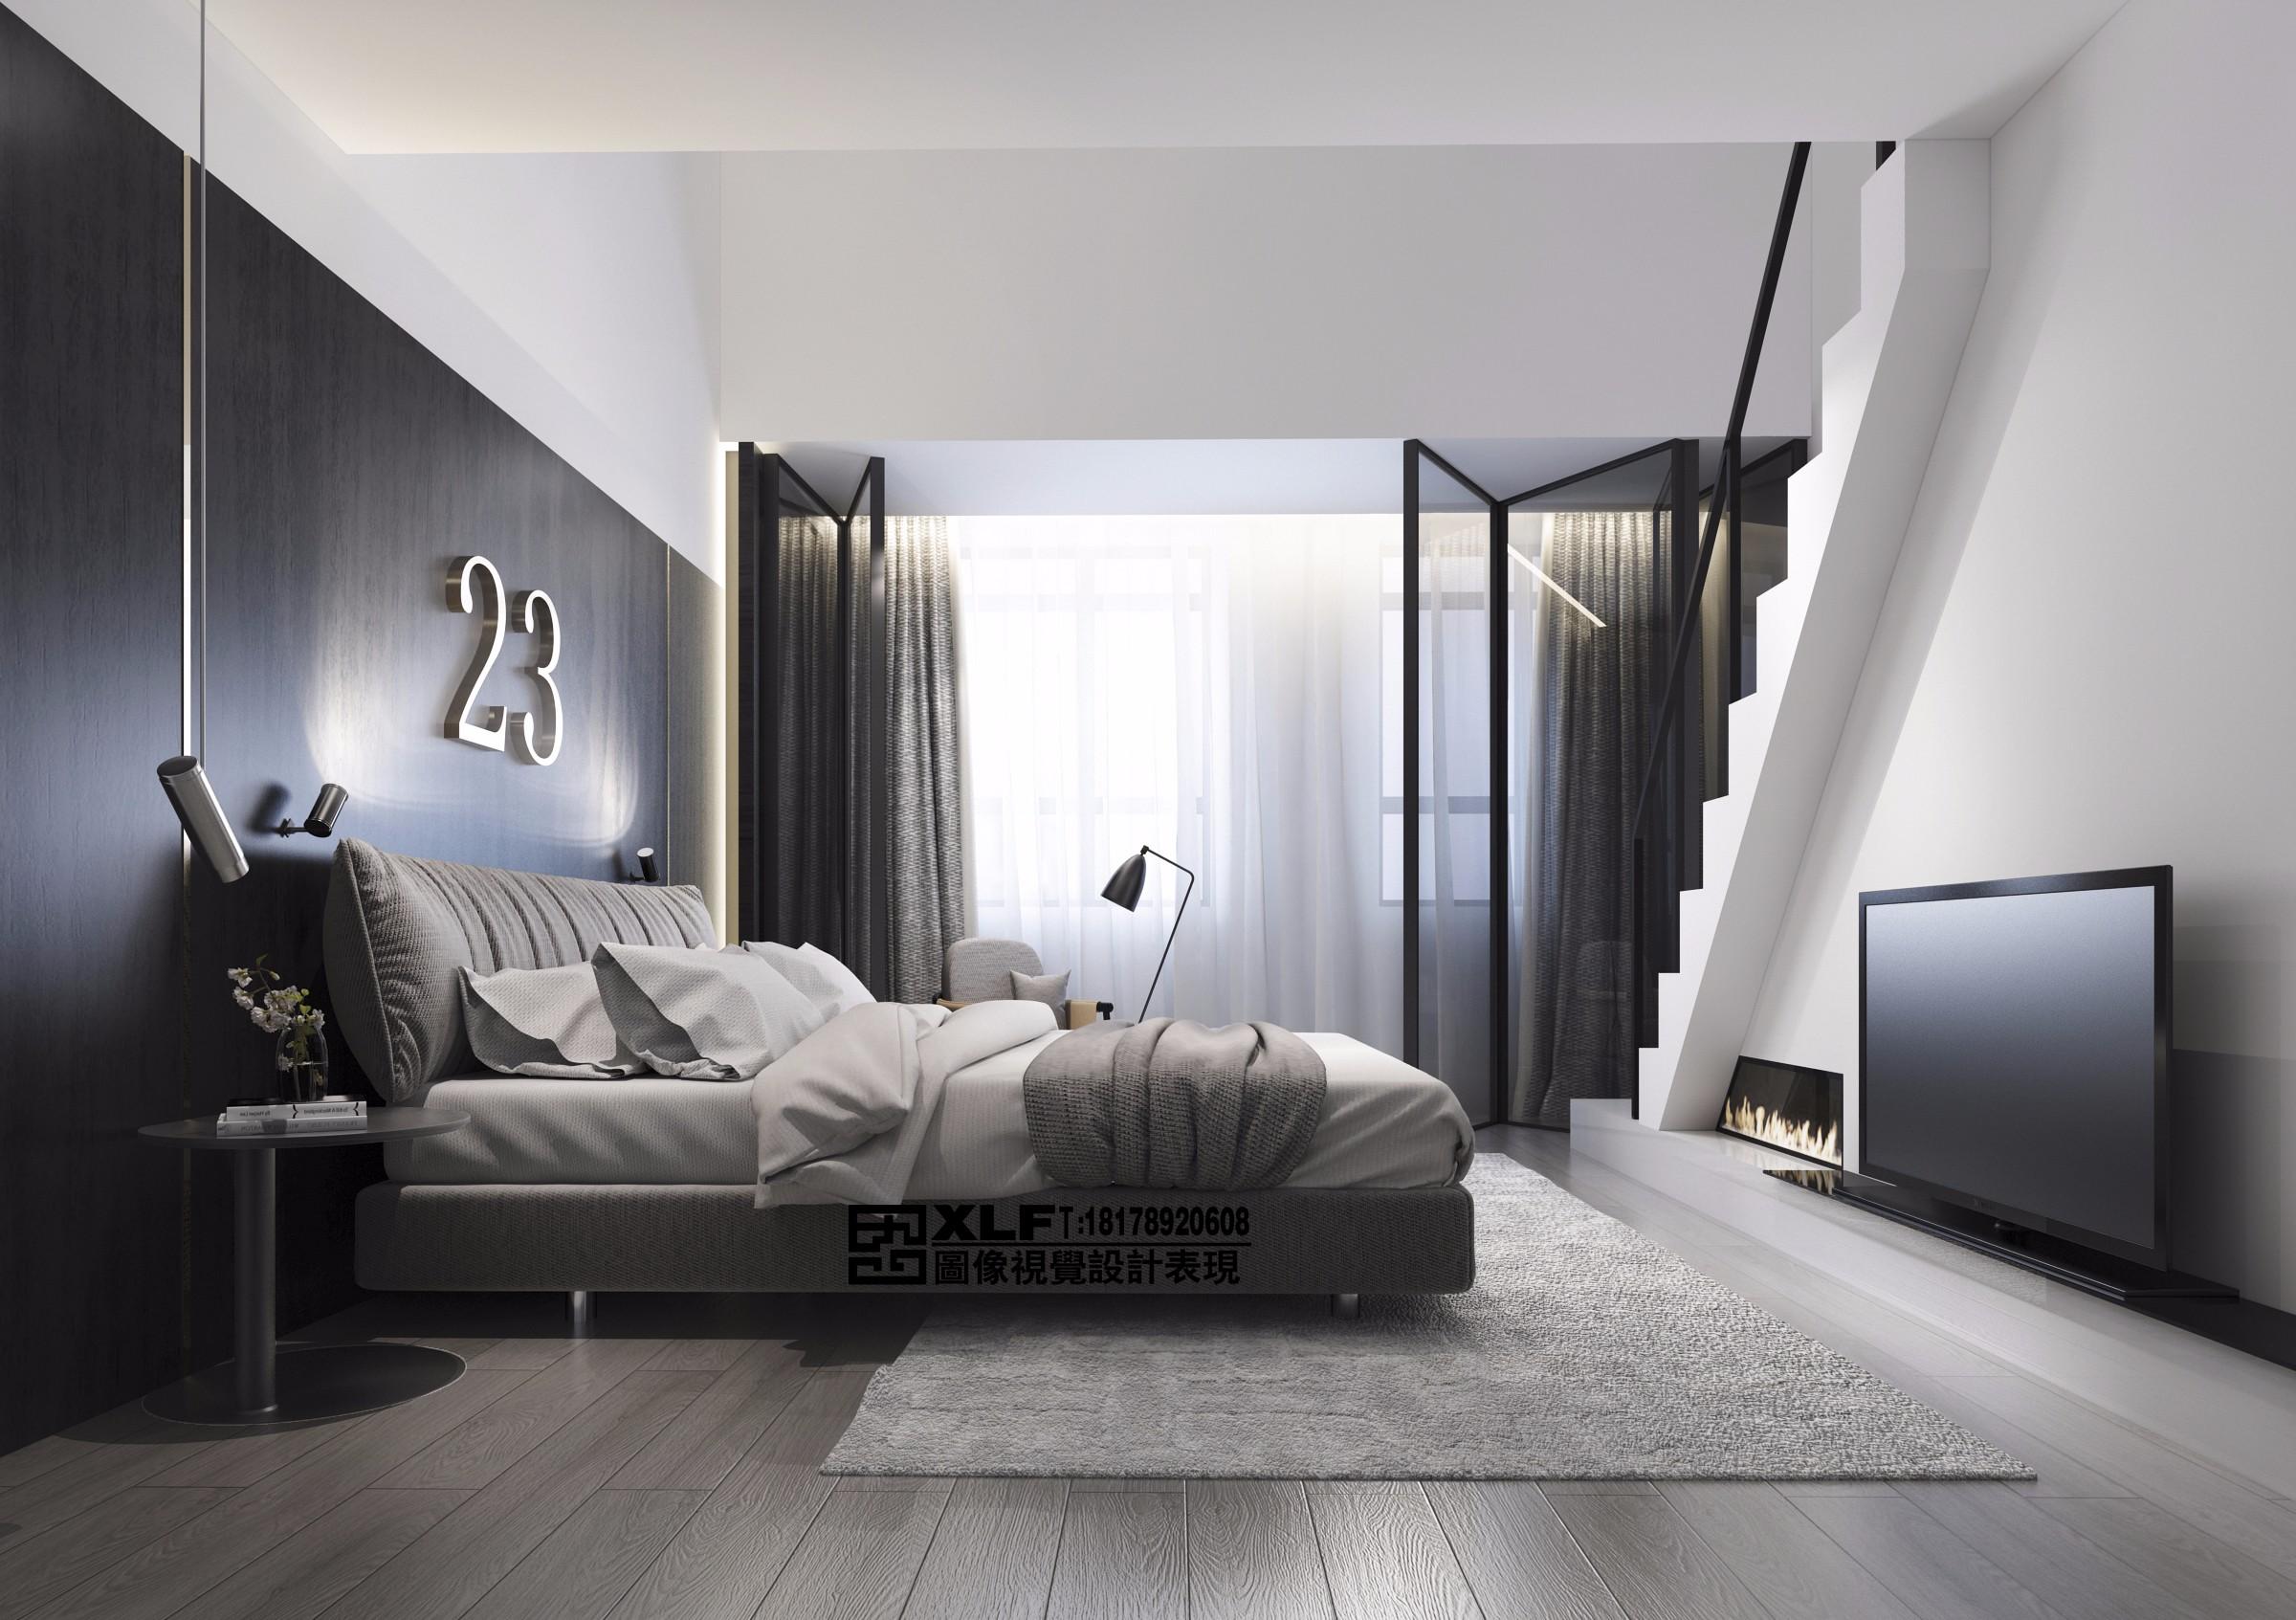 今年流行北欧风 - 效果图交流区-建e室内设计网